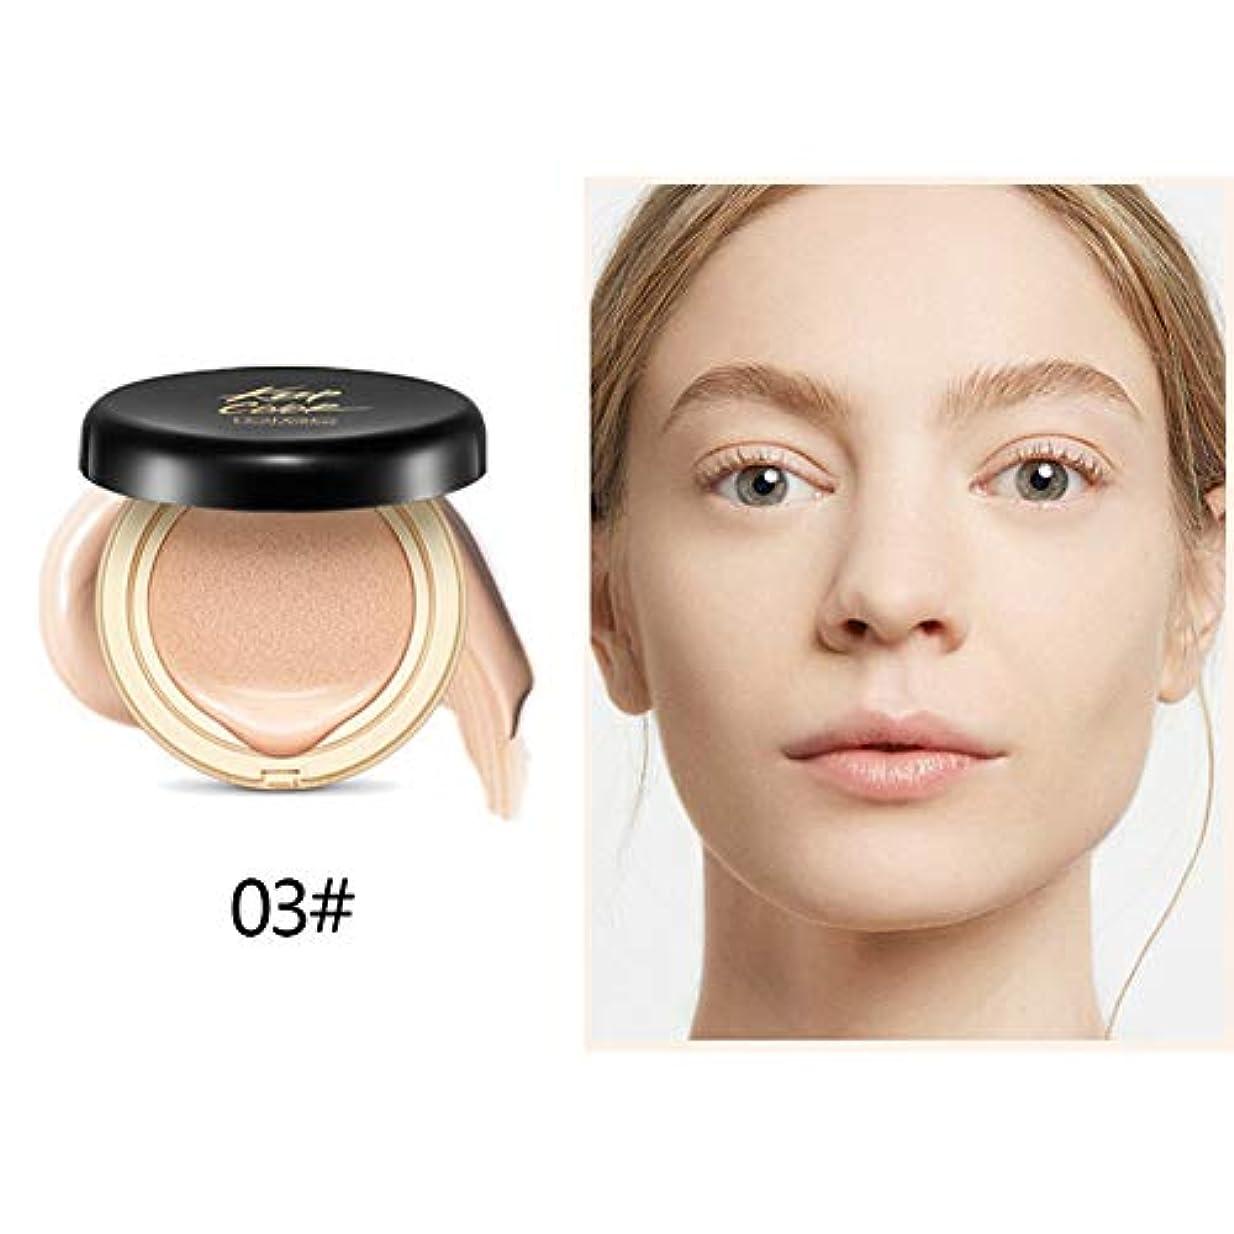 エアクッションBBクリーム 保湿 栄養 肌カバー 肌の色を明るく ファンデーション ナチュラル 化粧プライマー にきびの跡を隠す スキンケア Cutelove